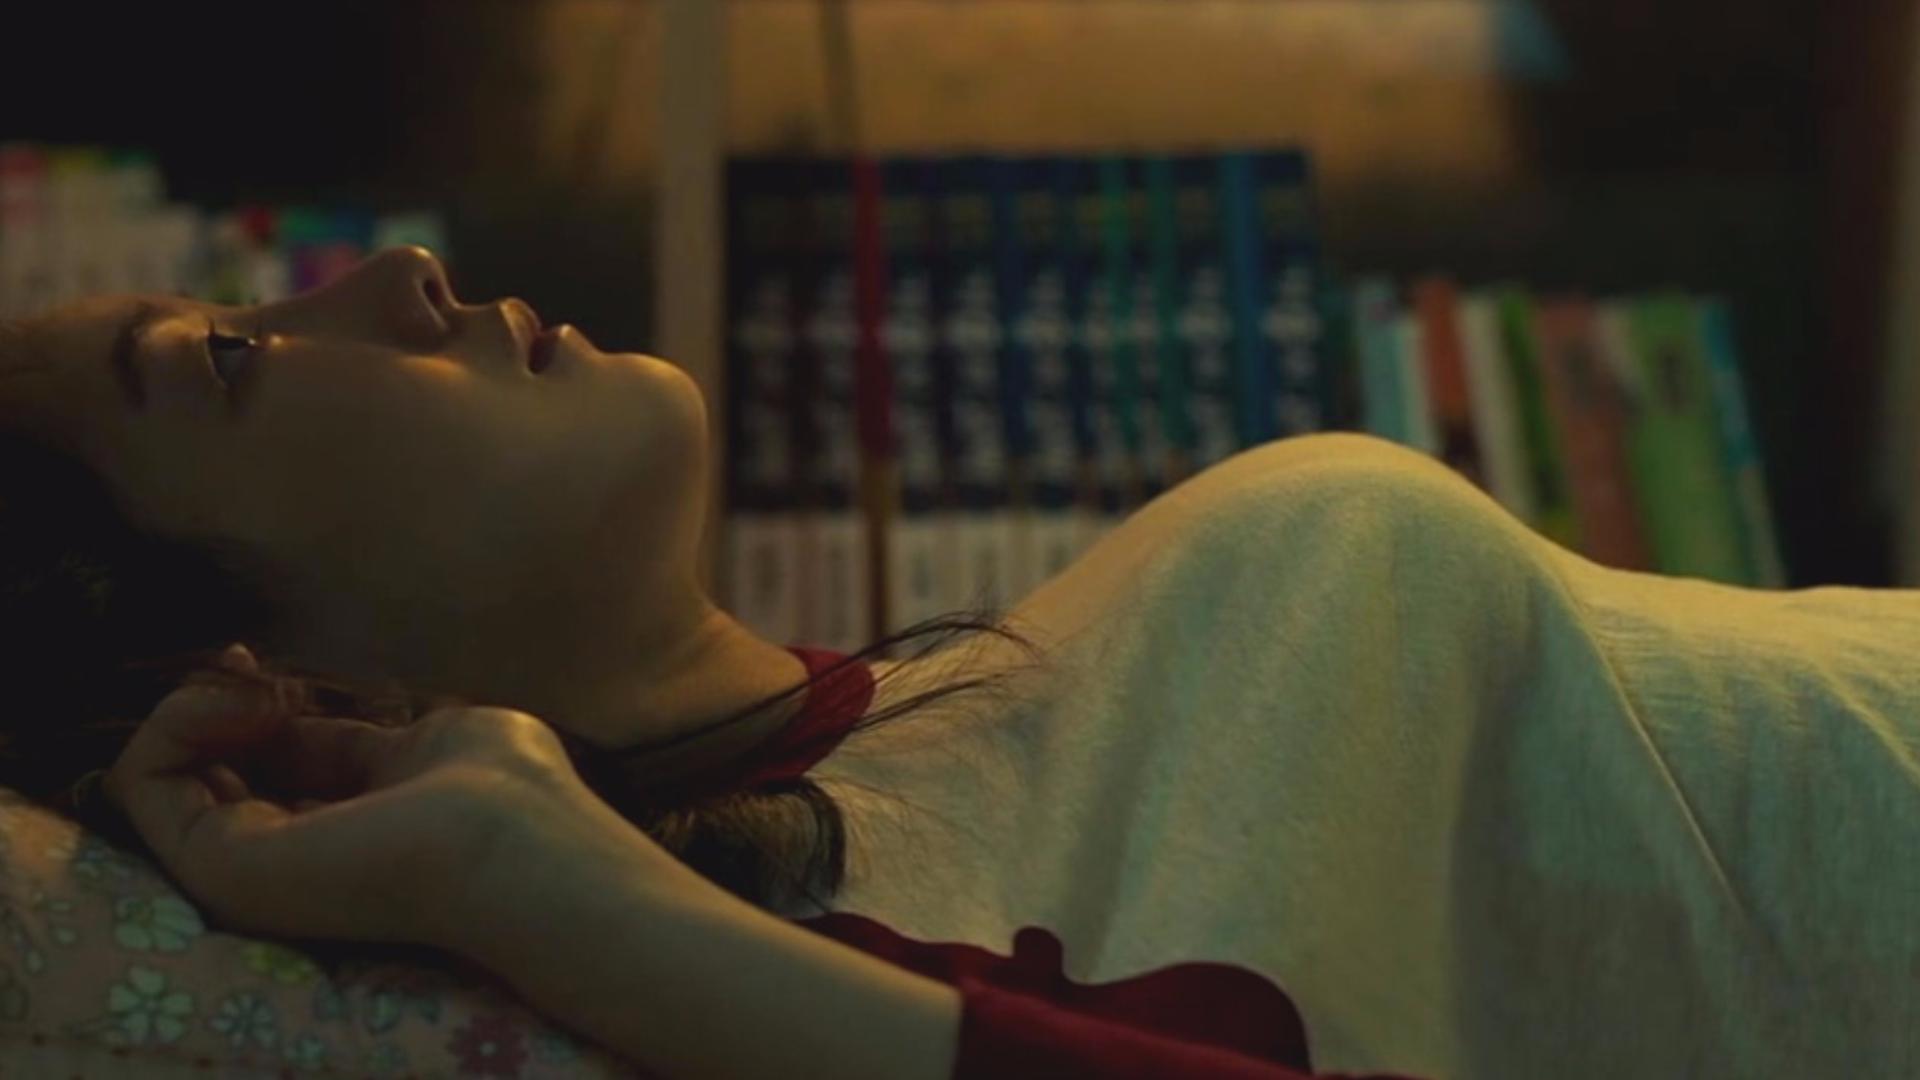 盘点看过的那些有意思的韩影片段九十